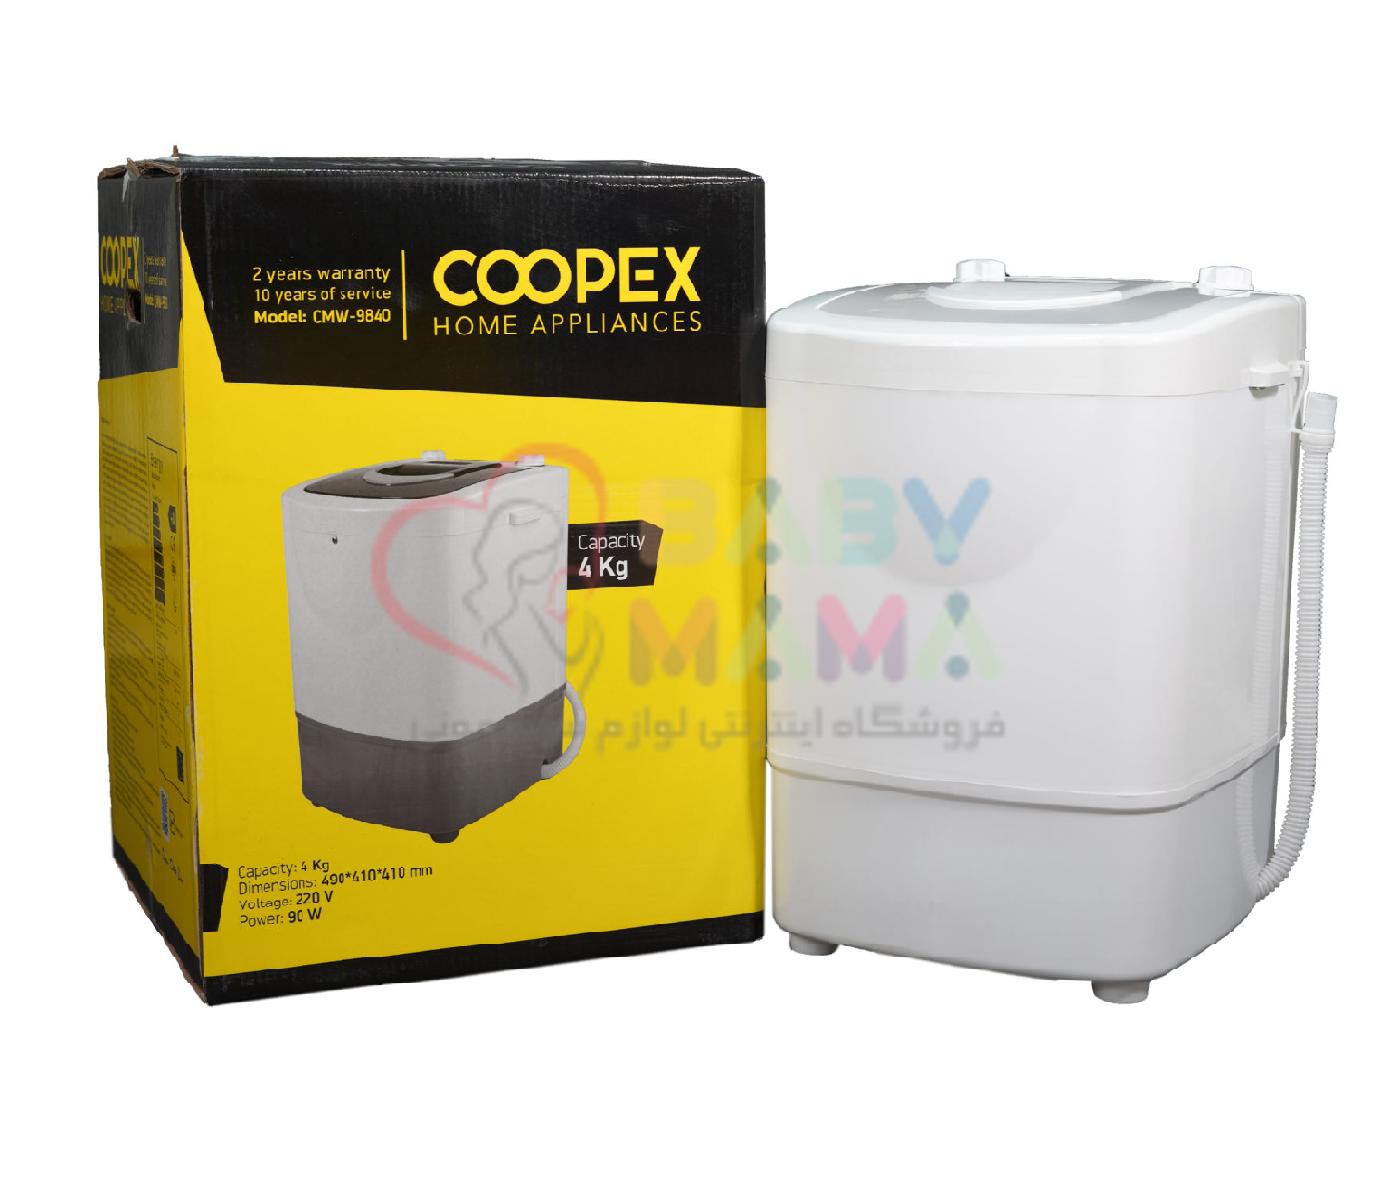 مینی واش coopex مدل CMW-9840B